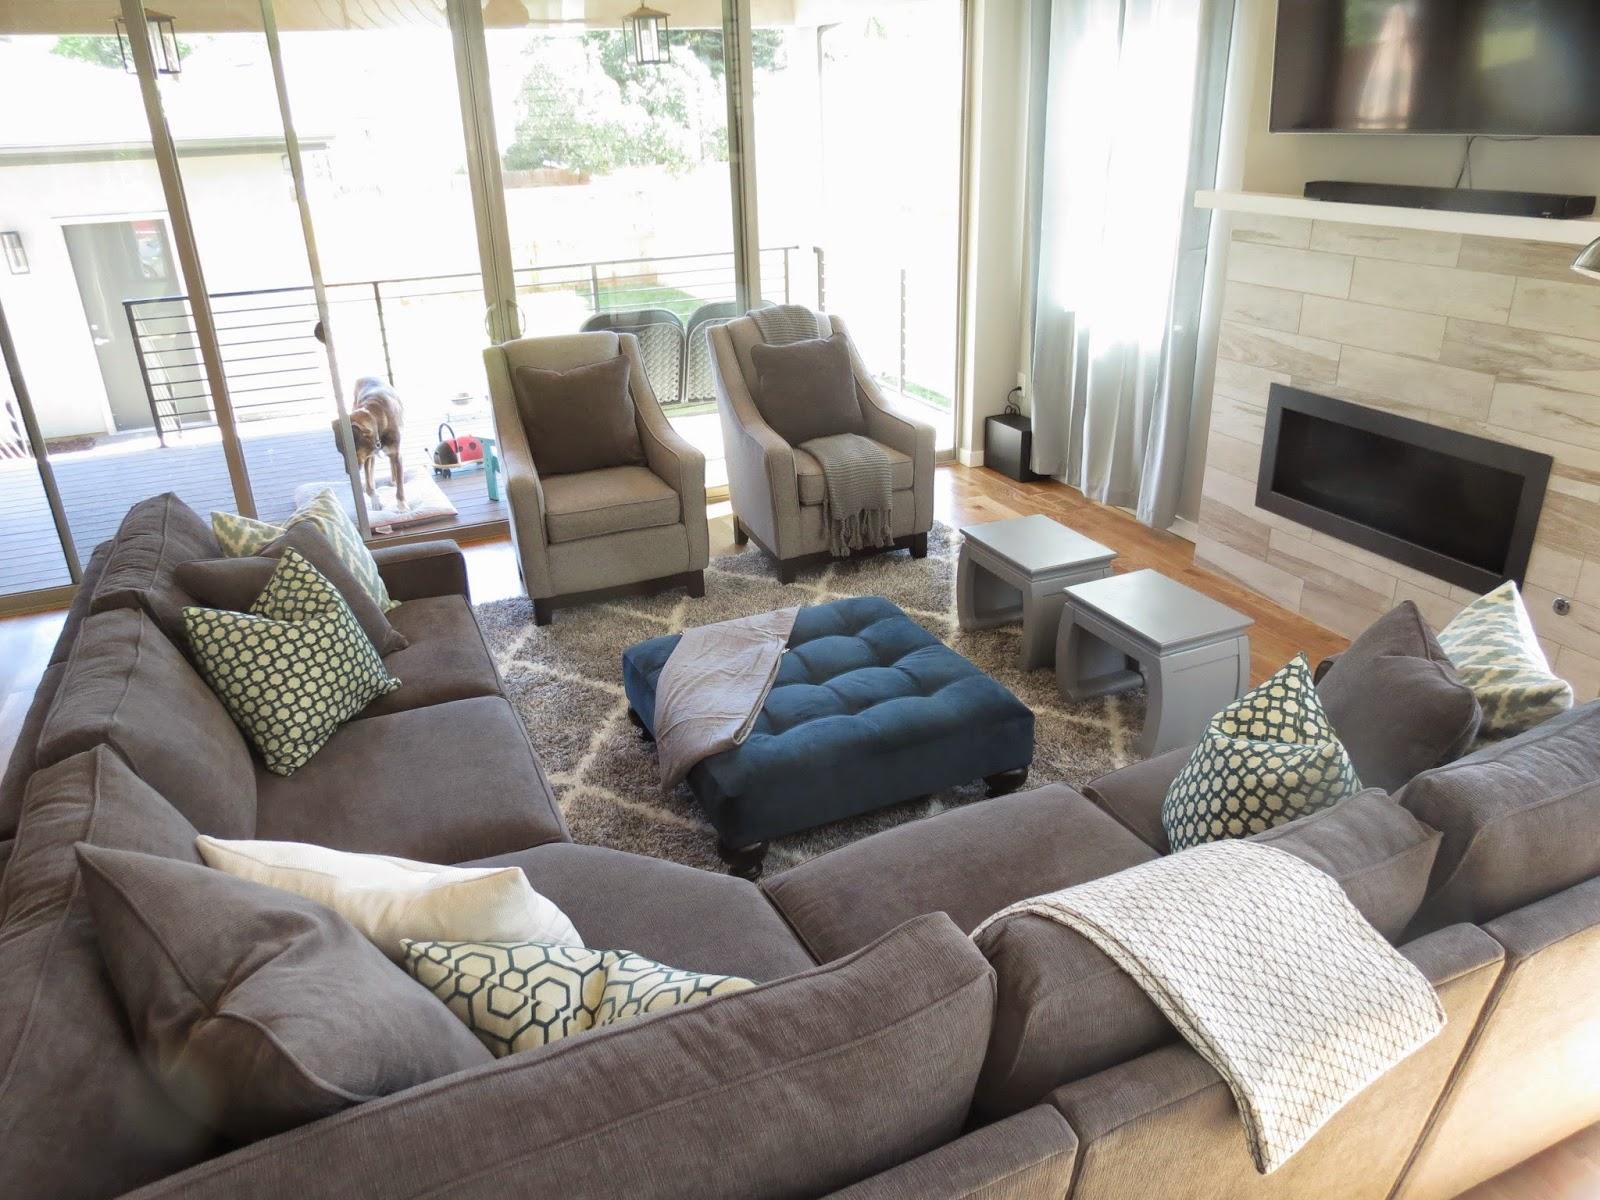 c2design custom furniture living room